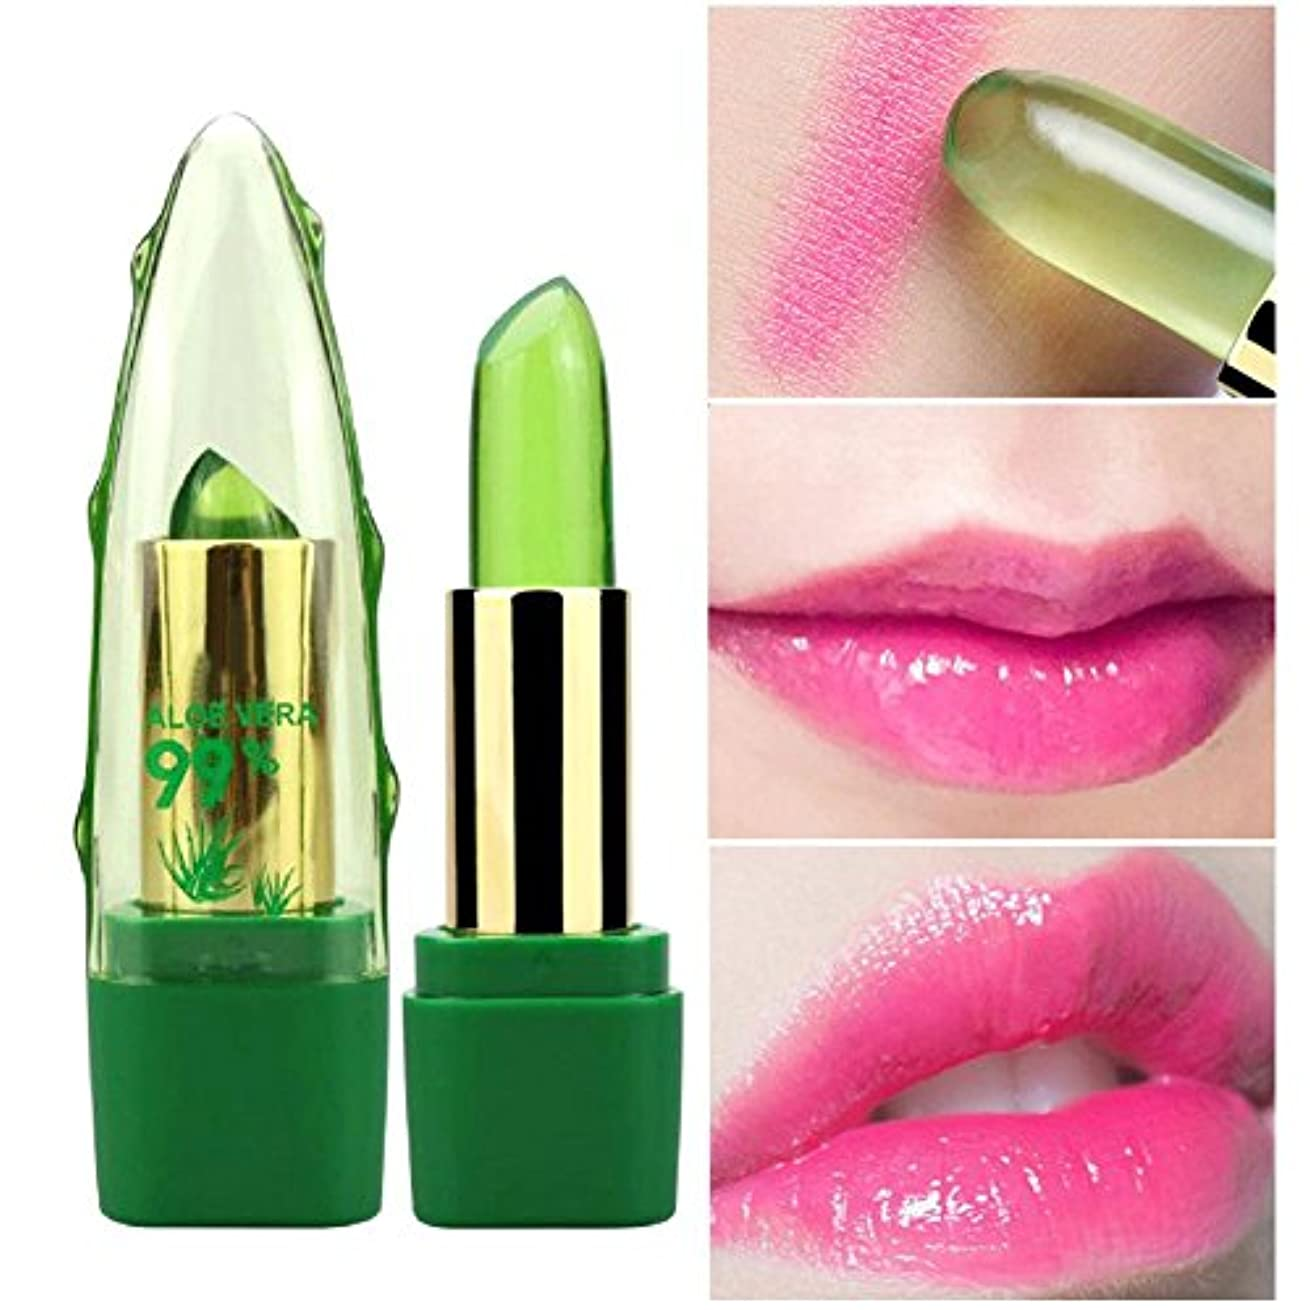 確率驚いた利得アロエベラゼリー リップクリーム 温度変化色 保湿 リップバーム 防水 長持ち 持ち運び リップスティック 天然植物 有機 健康 高輝度色で美しい唇を彩りルージュ